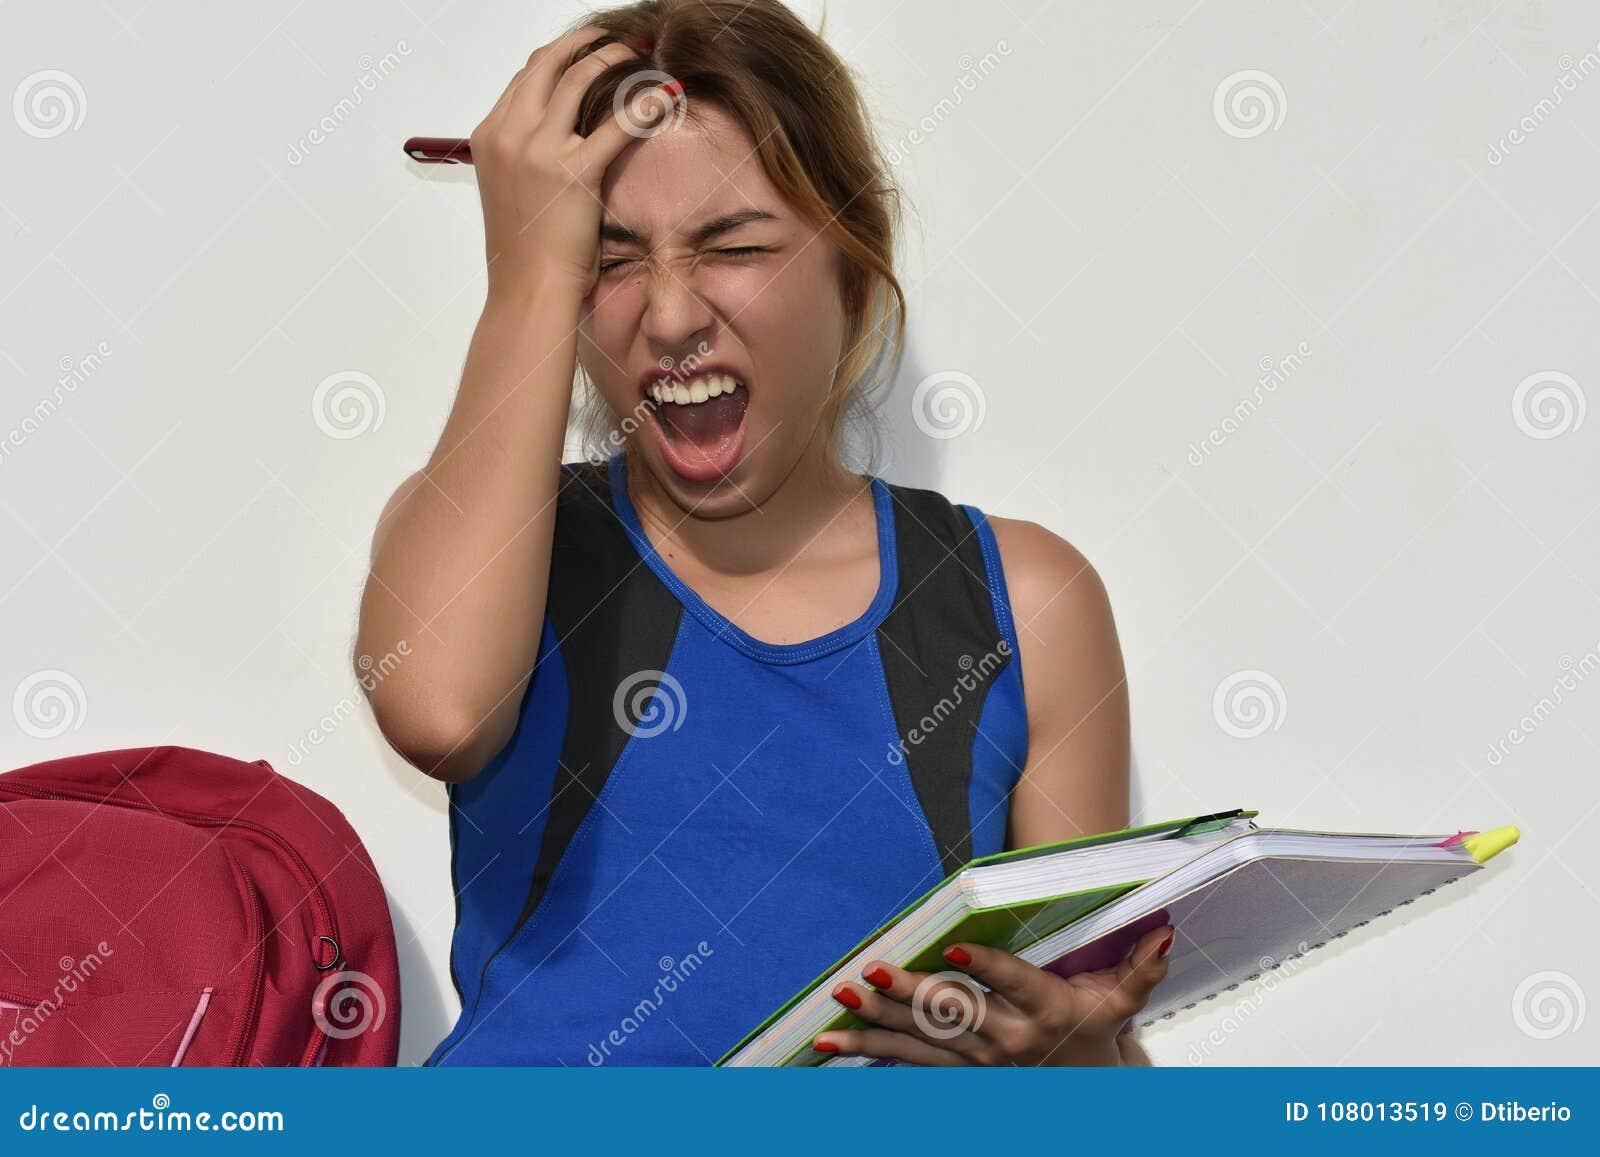 Estudiante adolescente And Stress